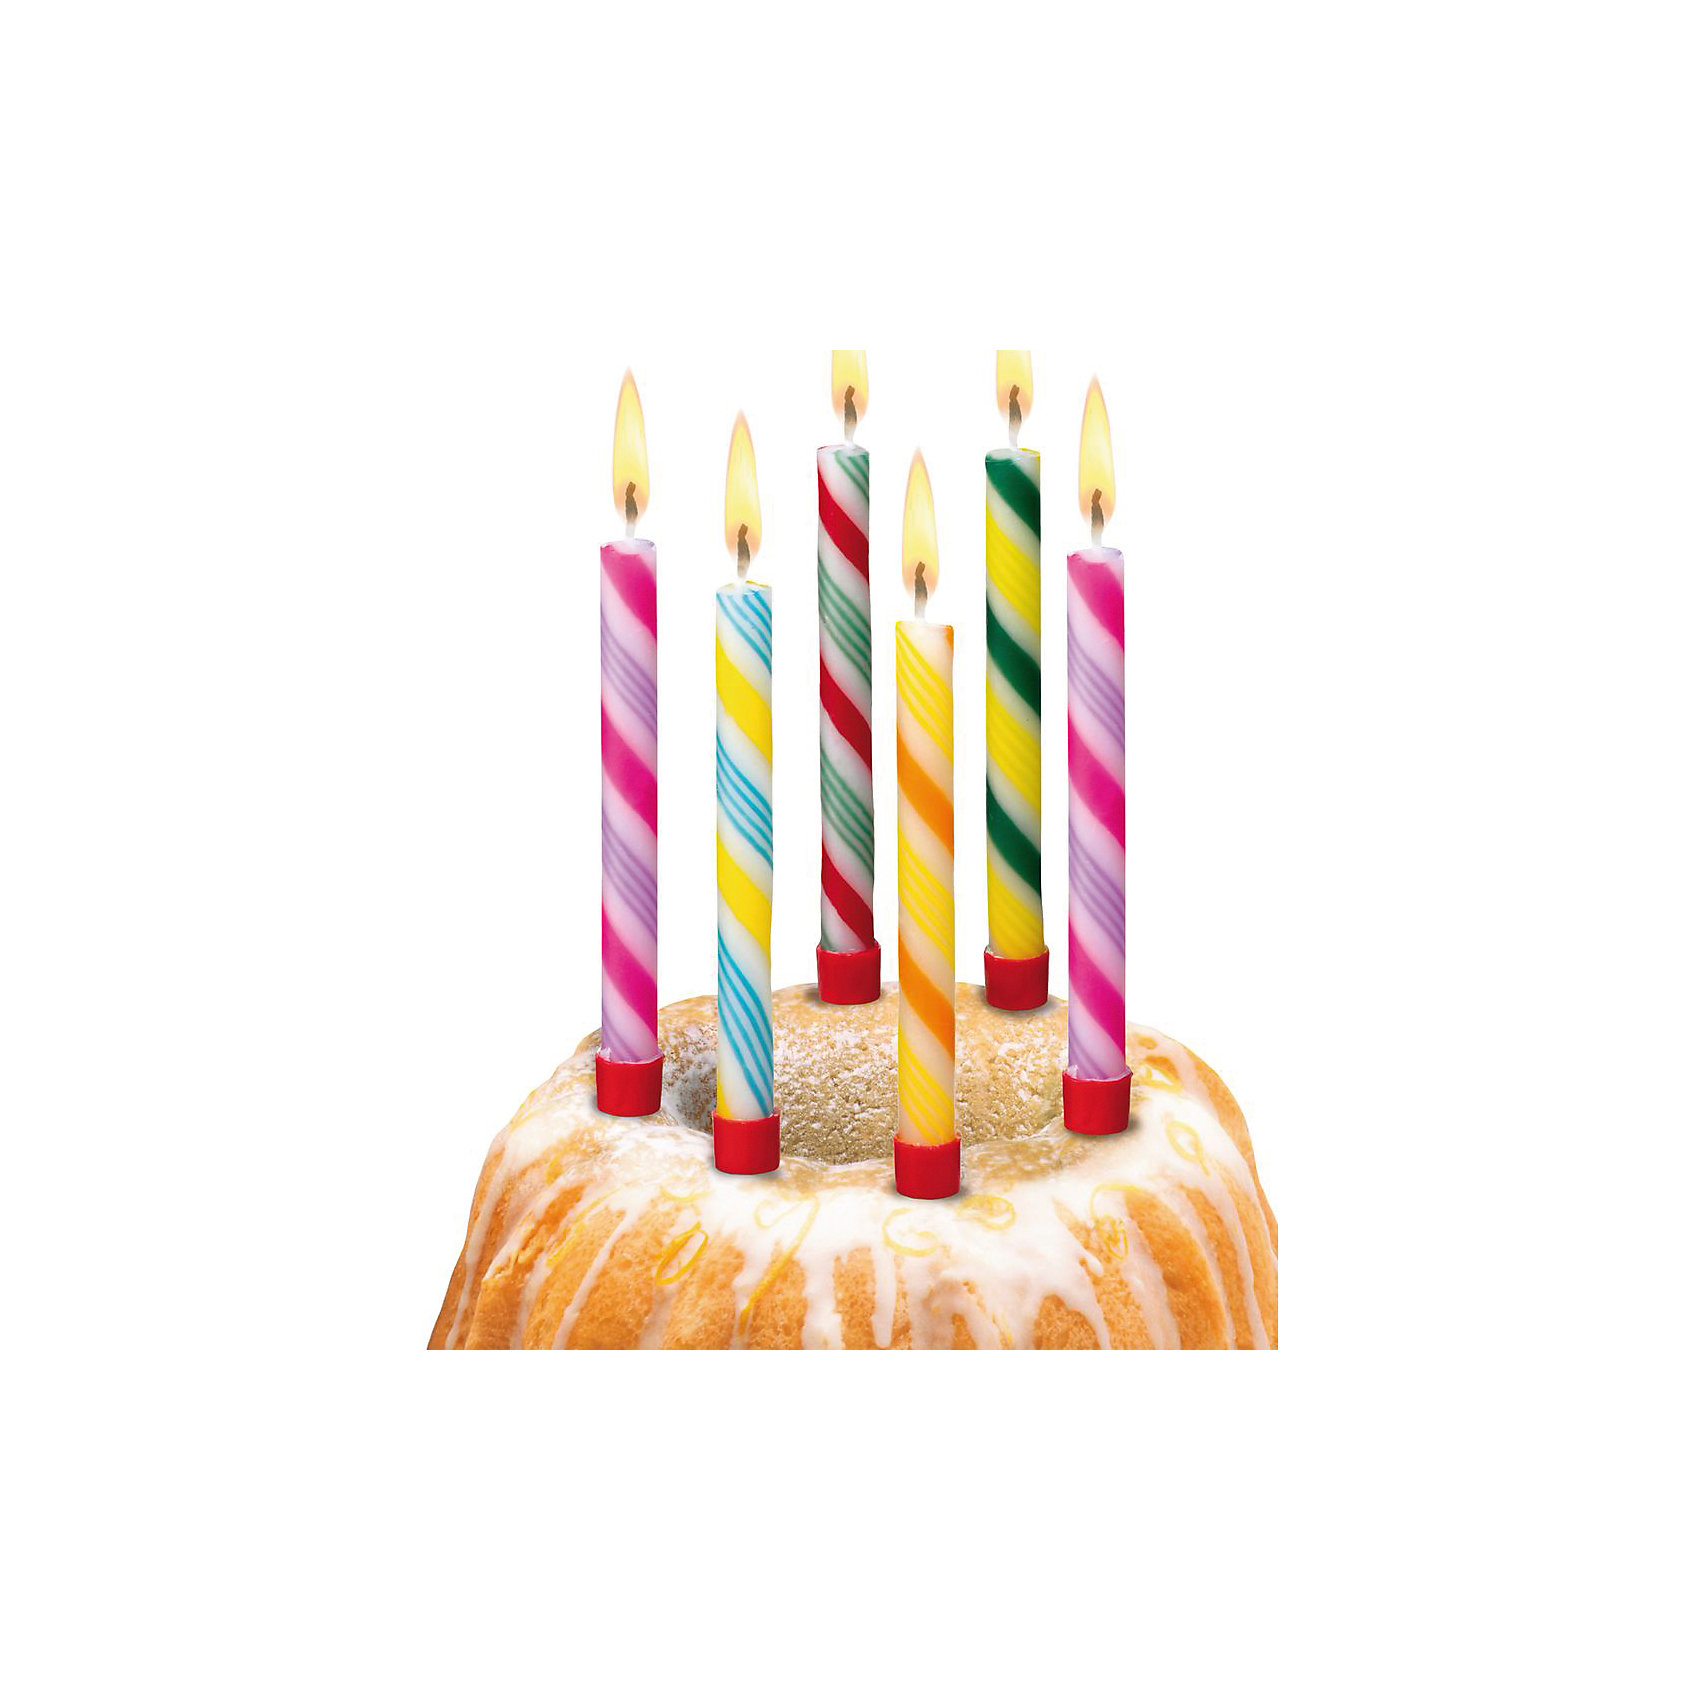 Свечи для торта Леденцы, 6 шт, 6 подсвечн., парафинВсё для праздника<br>Характеристики товара:<br><br>• возраст: от 3 лет<br>• цвет: мульти<br>• размер упаковки: 1х9х20 см<br>• на подсвечниках<br>• комплектация: 6 шт<br>• вес: 50 г<br>• страна бренда: Германия<br>• страна изготовитель: Германия<br><br>Ну что за праздник без торта? А что за торт без свечек? Яркие свечи Herlitz для торта создадут атмосферу праздника и подарят массу положительных эмоций.<br><br>Изделие произведено из безопасного для детей материала.<br><br>Свечи для торта  «Леденцы», 6 шт, 6 подсвечн., парафин от бренда Herlitz (Херлиц) можно купить в нашем интернет-магазине.<br><br>Ширина мм: 10<br>Глубина мм: 90<br>Высота мм: 200<br>Вес г: 42<br>Возраст от месяцев: 36<br>Возраст до месяцев: 2147483647<br>Пол: Унисекс<br>Возраст: Детский<br>SKU: 6886488